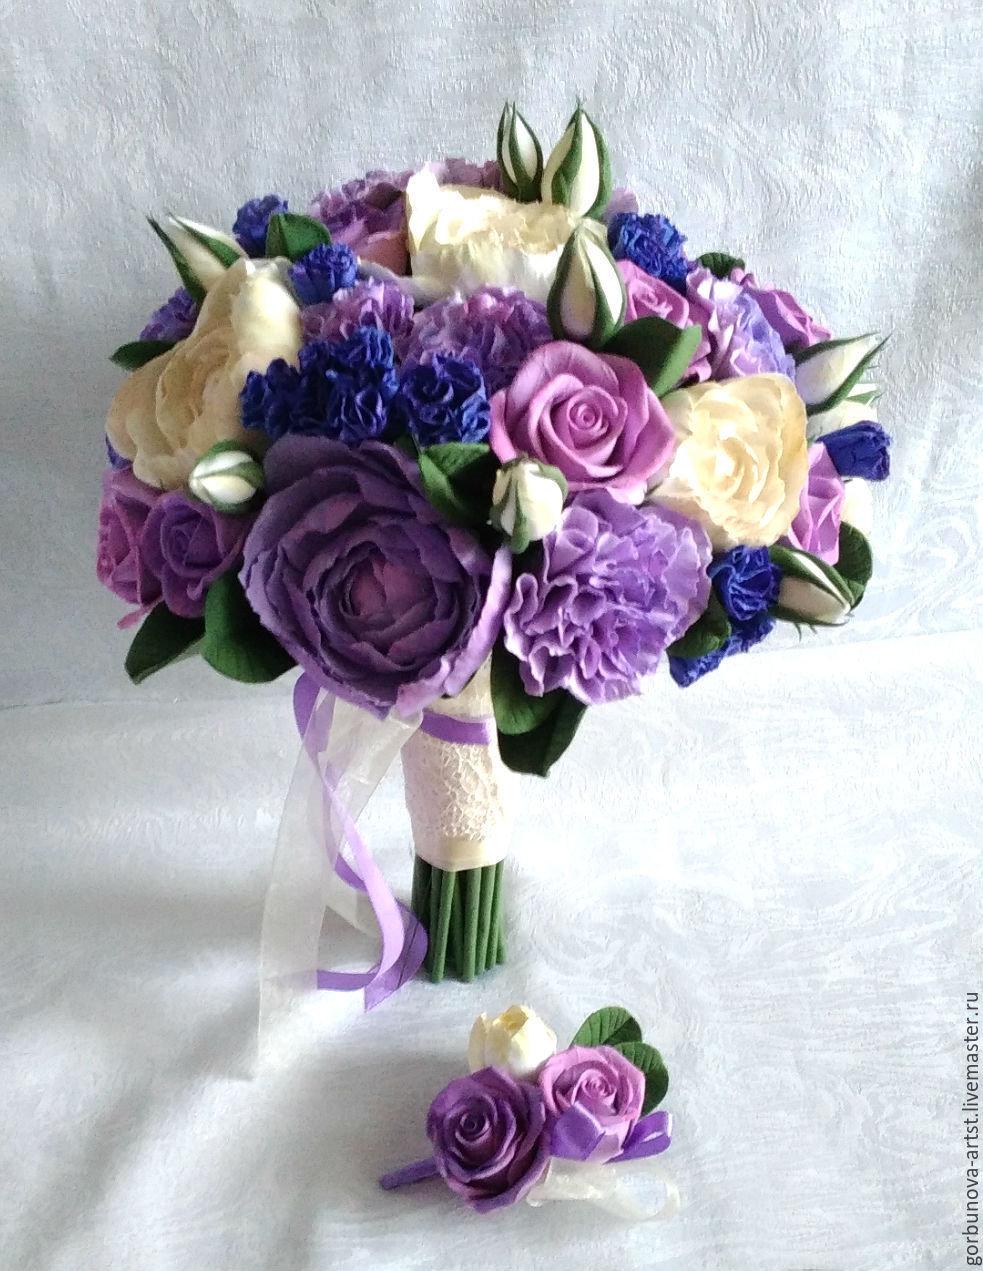 Цветов маргаритка, фиолетовые букеты невесты купить